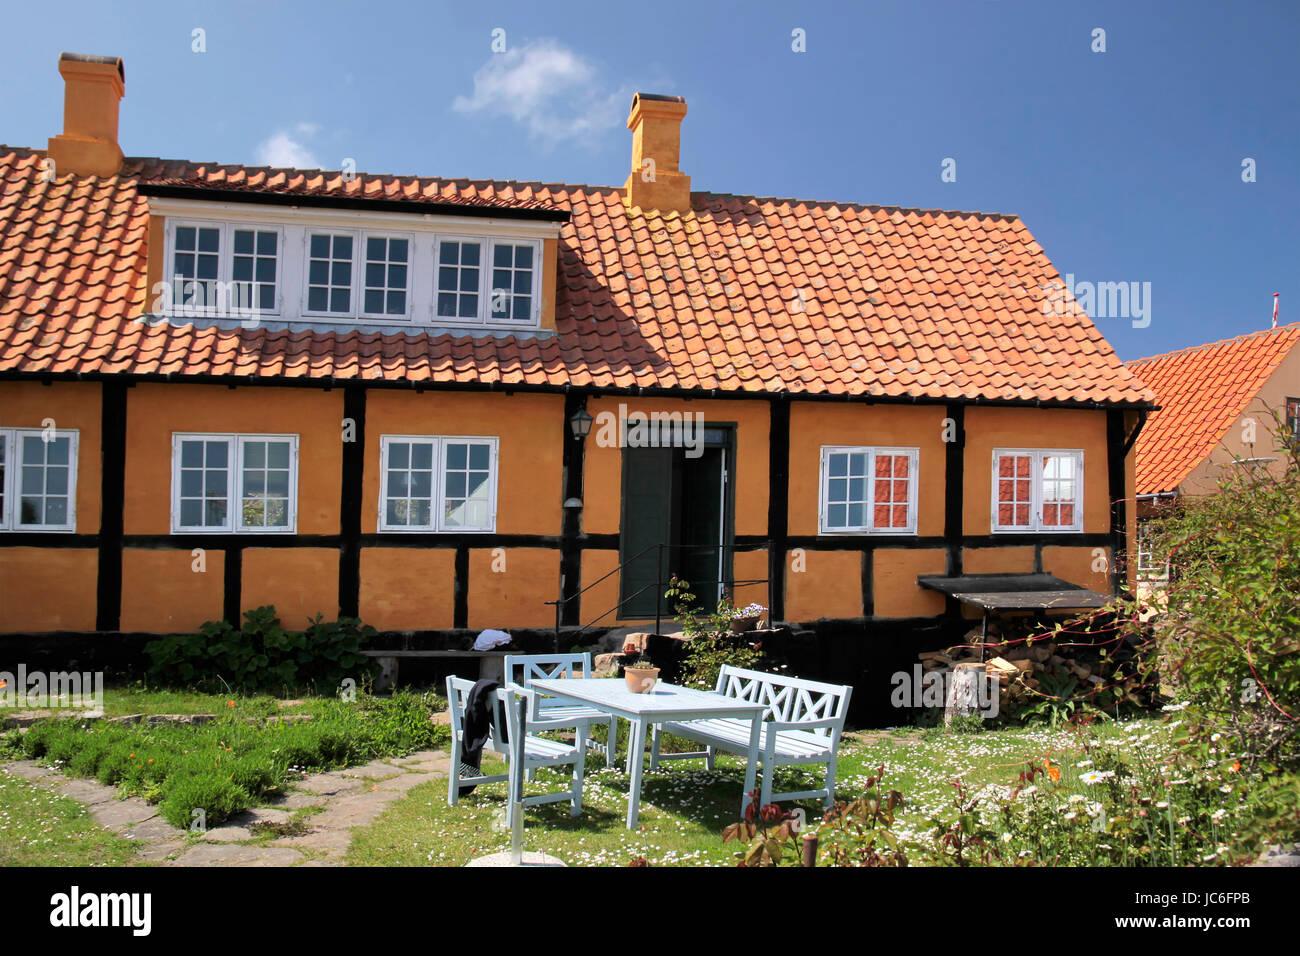 Idyllisches Landhaus in Gudhjem auf Bornholm, Dänemark - Stock Image